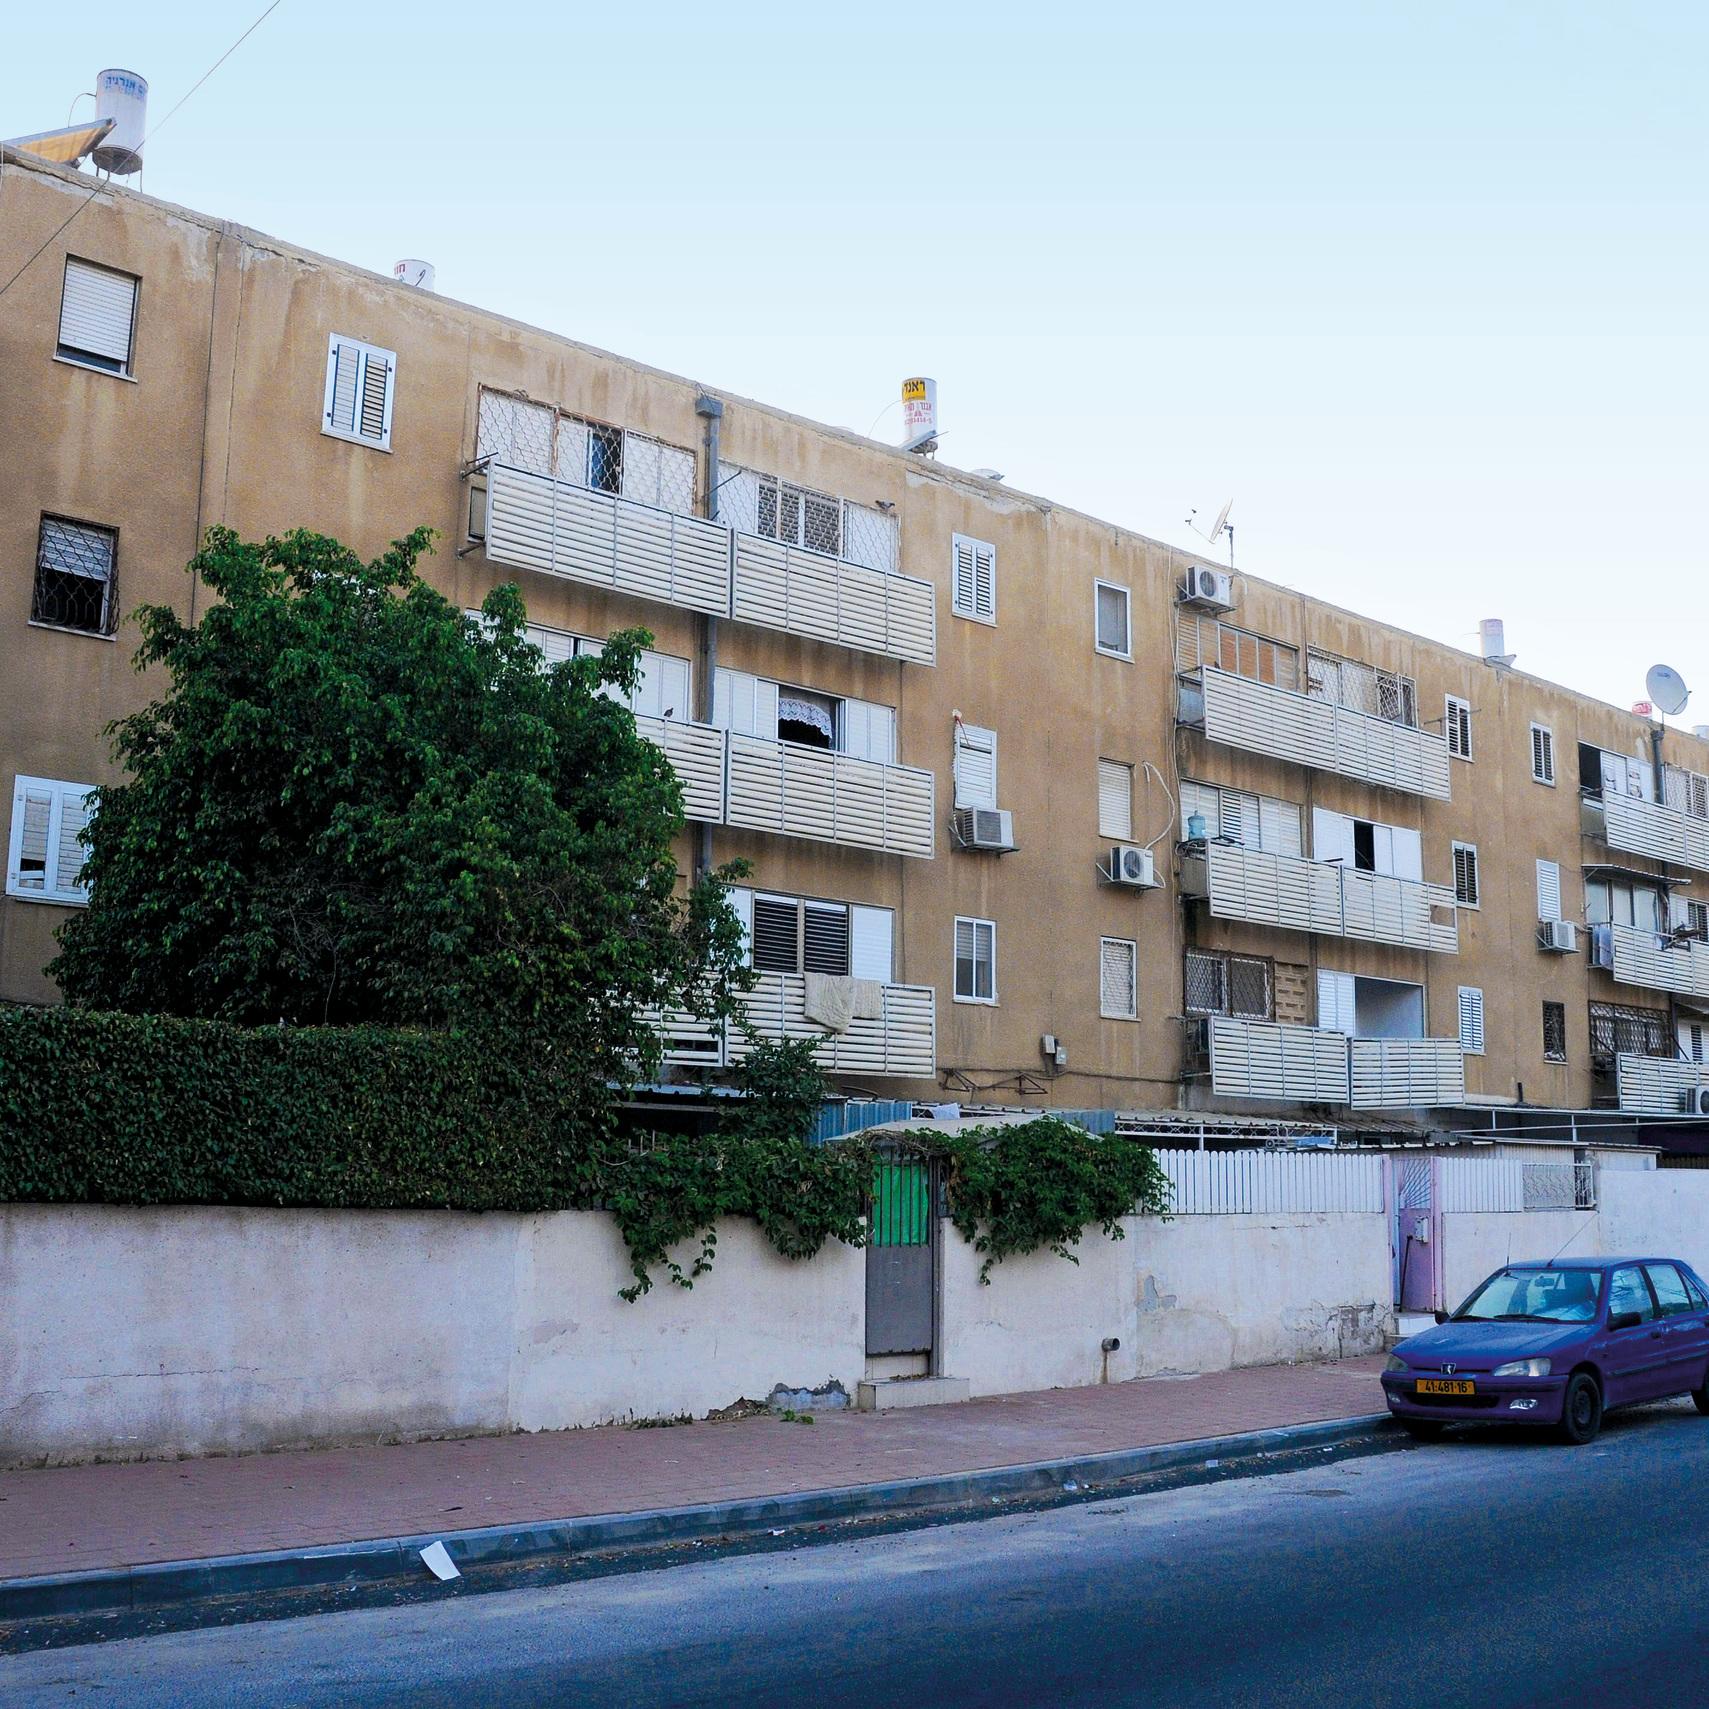 דיור ציבורי מוזנח בישראל. הדרך לסלאמס קצרה (צילום: הרצל יוסף) ()